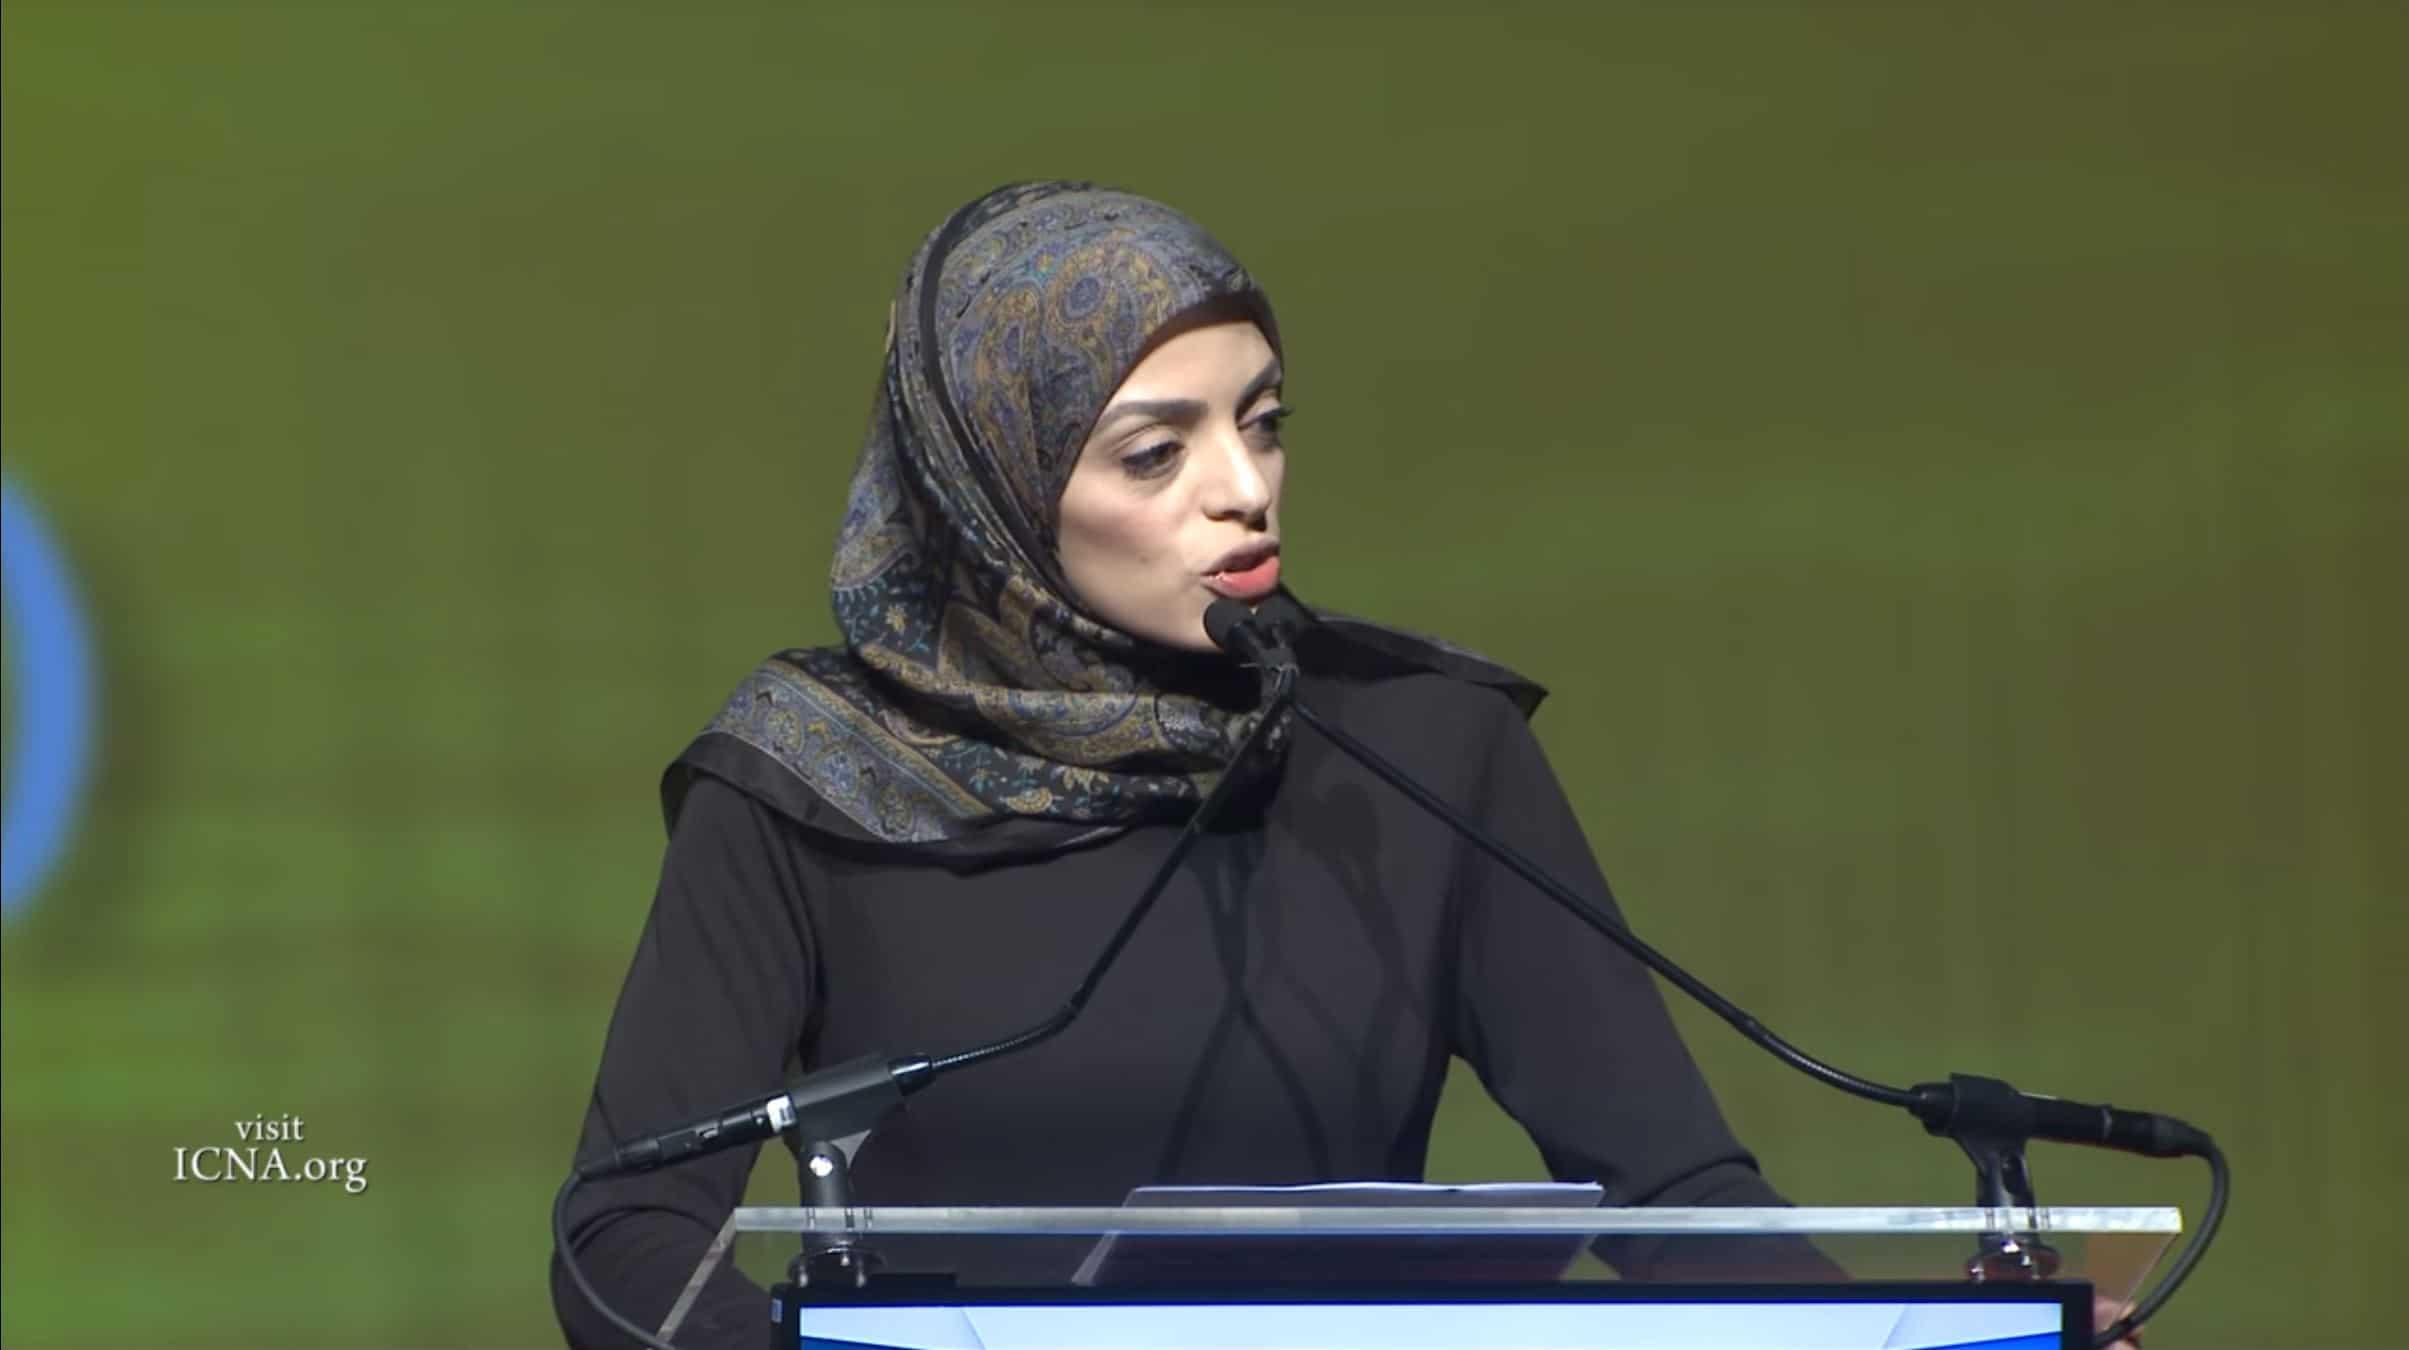 Dalia Fahmy – No Fear: I am a Muslim